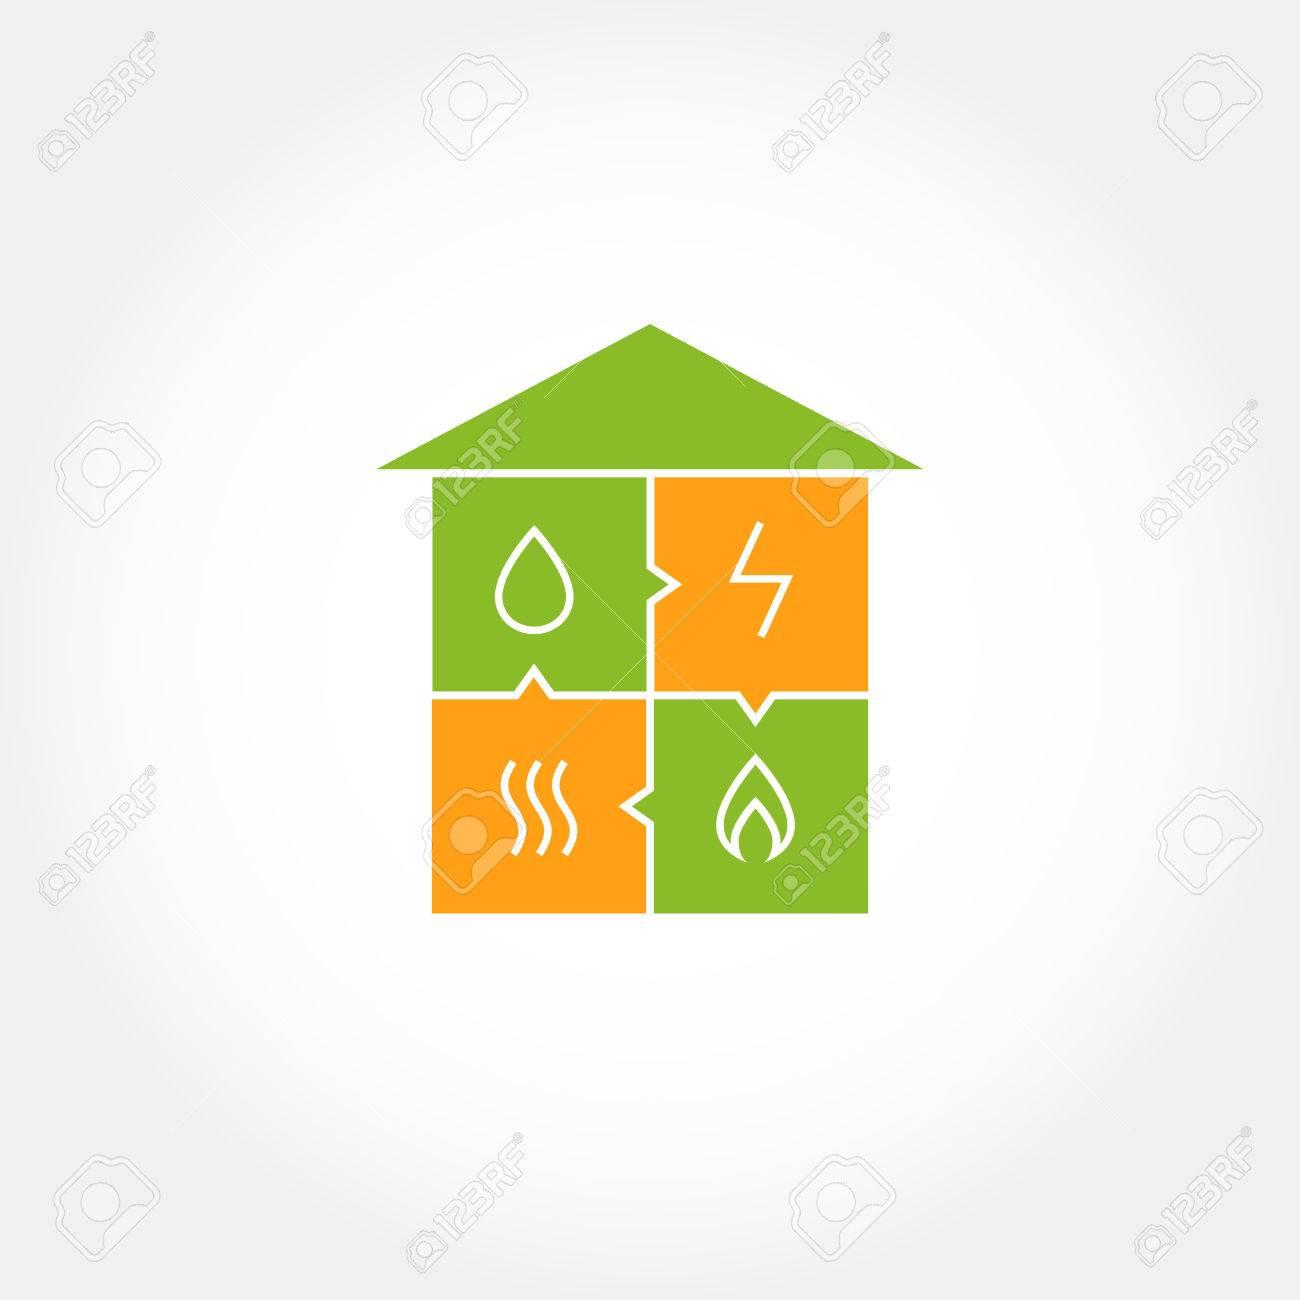 Eco Friendly Construction Vector Logo For A Construction Company Eco Friendly House